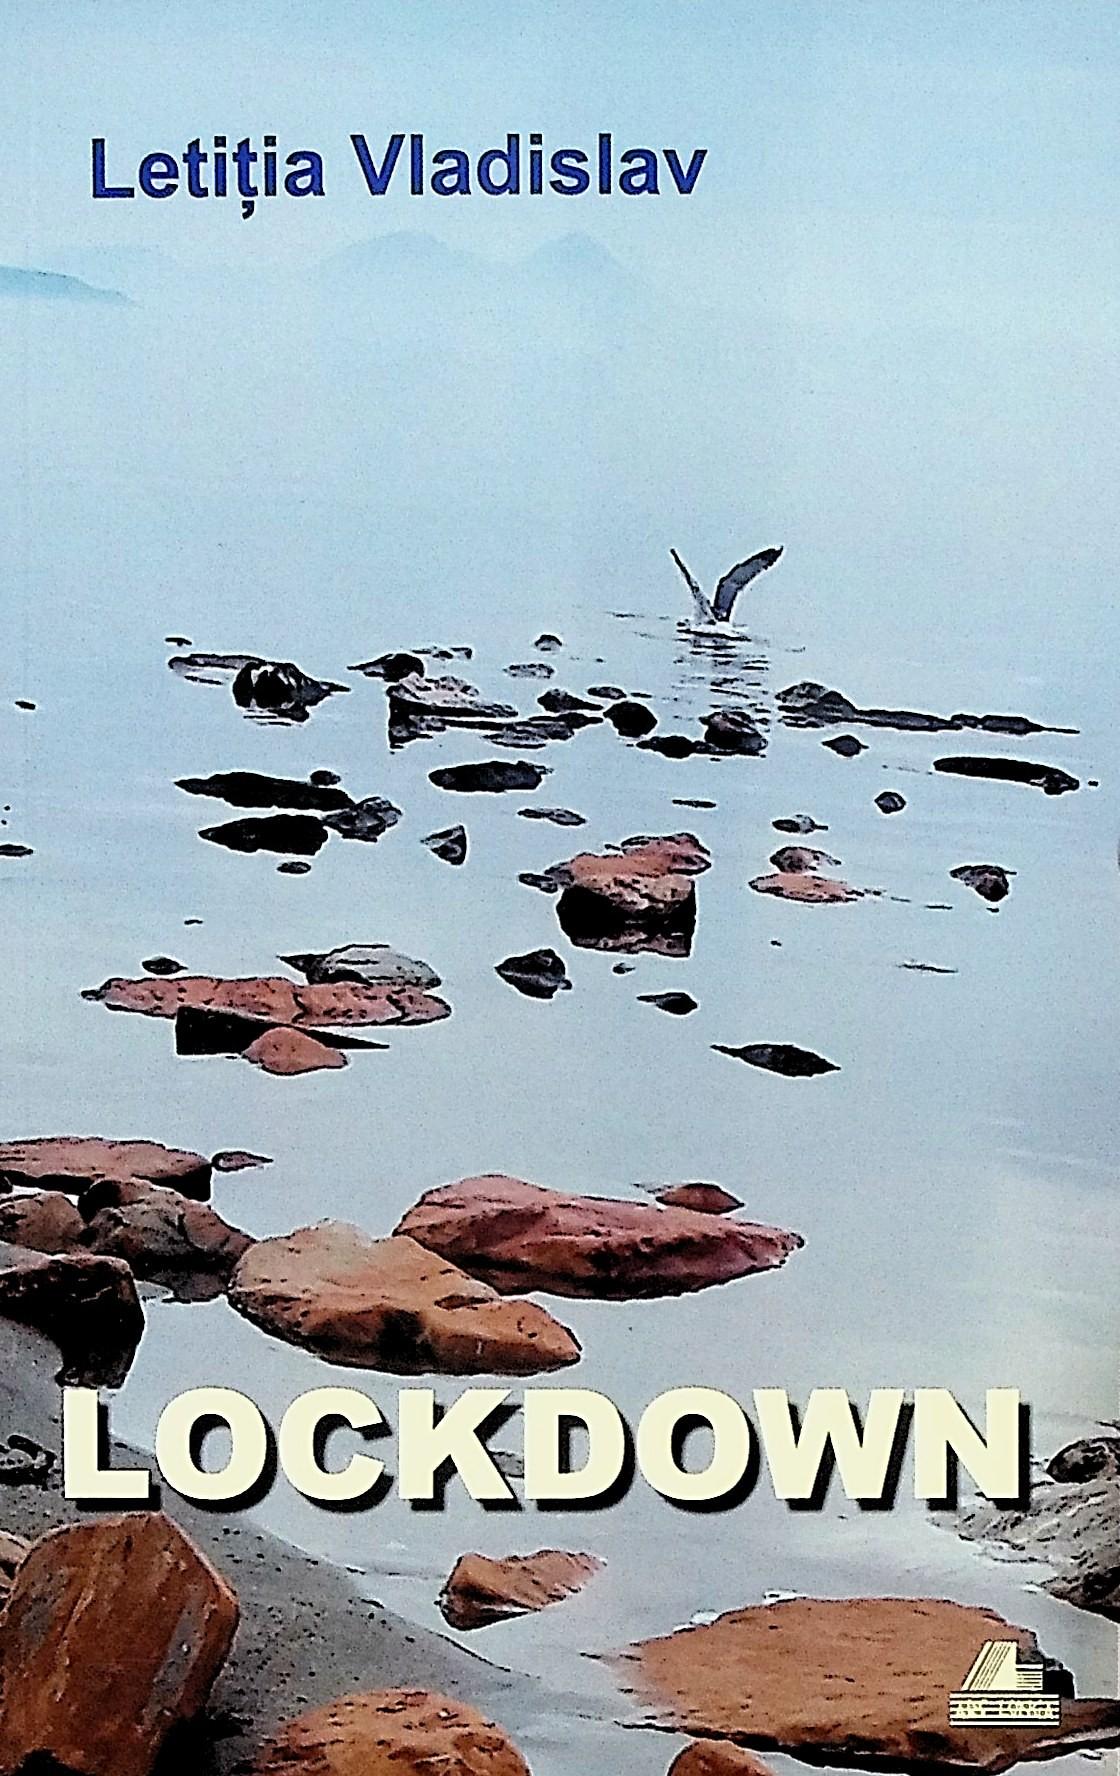 Lockdown | Letitia Vladislav